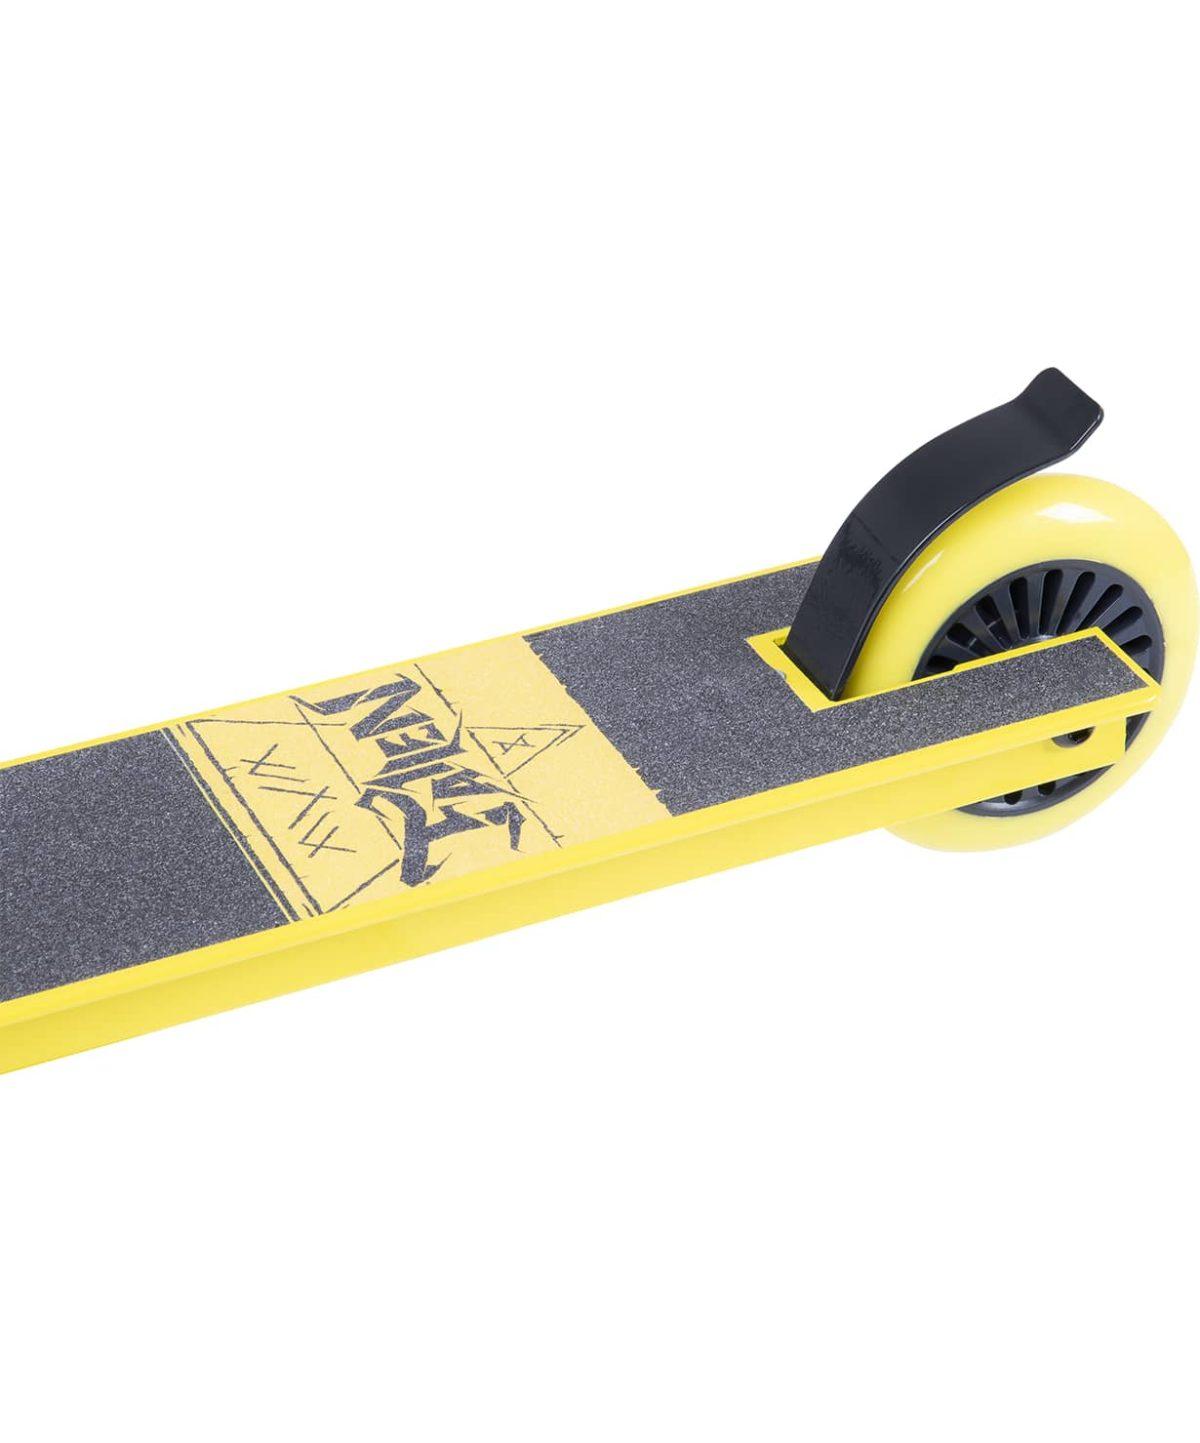 XAOS Fallen Cамокат трюковый 100 мм  Fallen: Yellow - 4